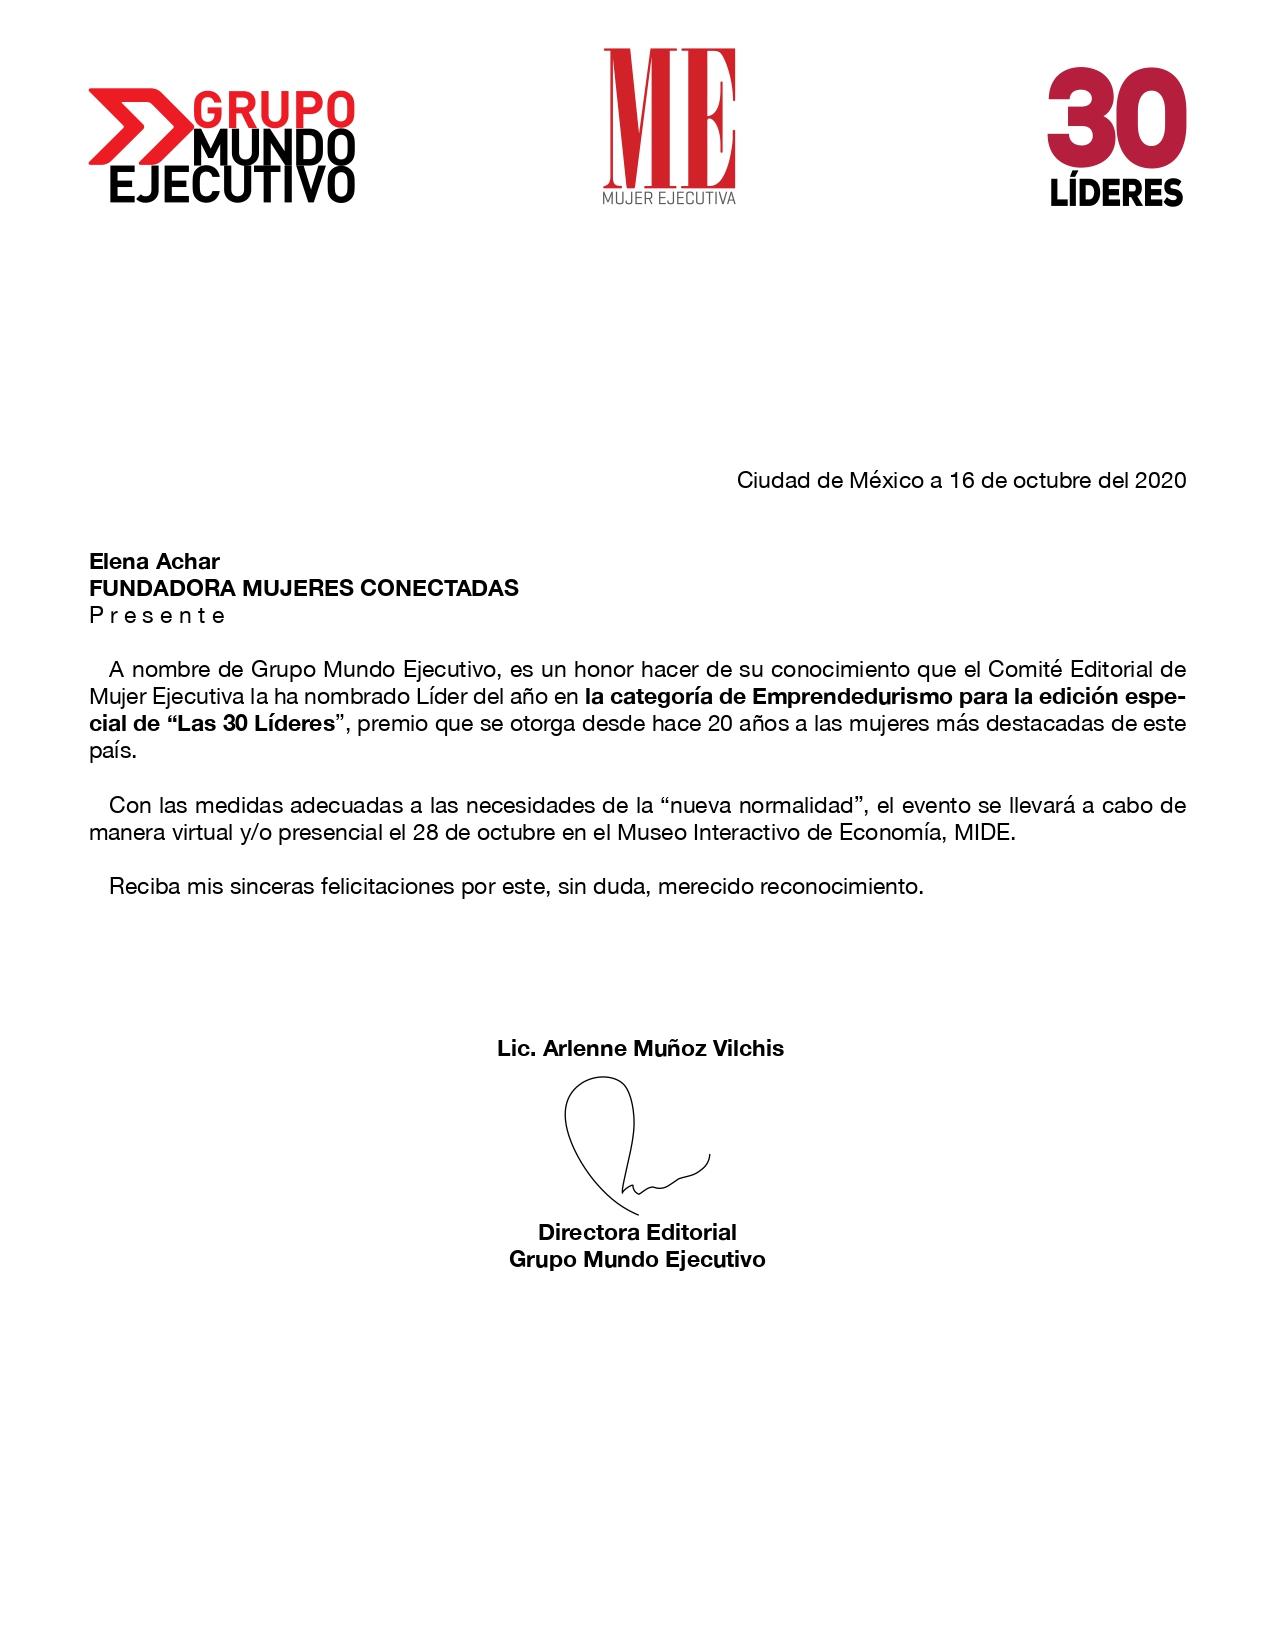 carta de reconocimiento otorgado a Elena Achar Samra por Grupo Mundo ejecutivo